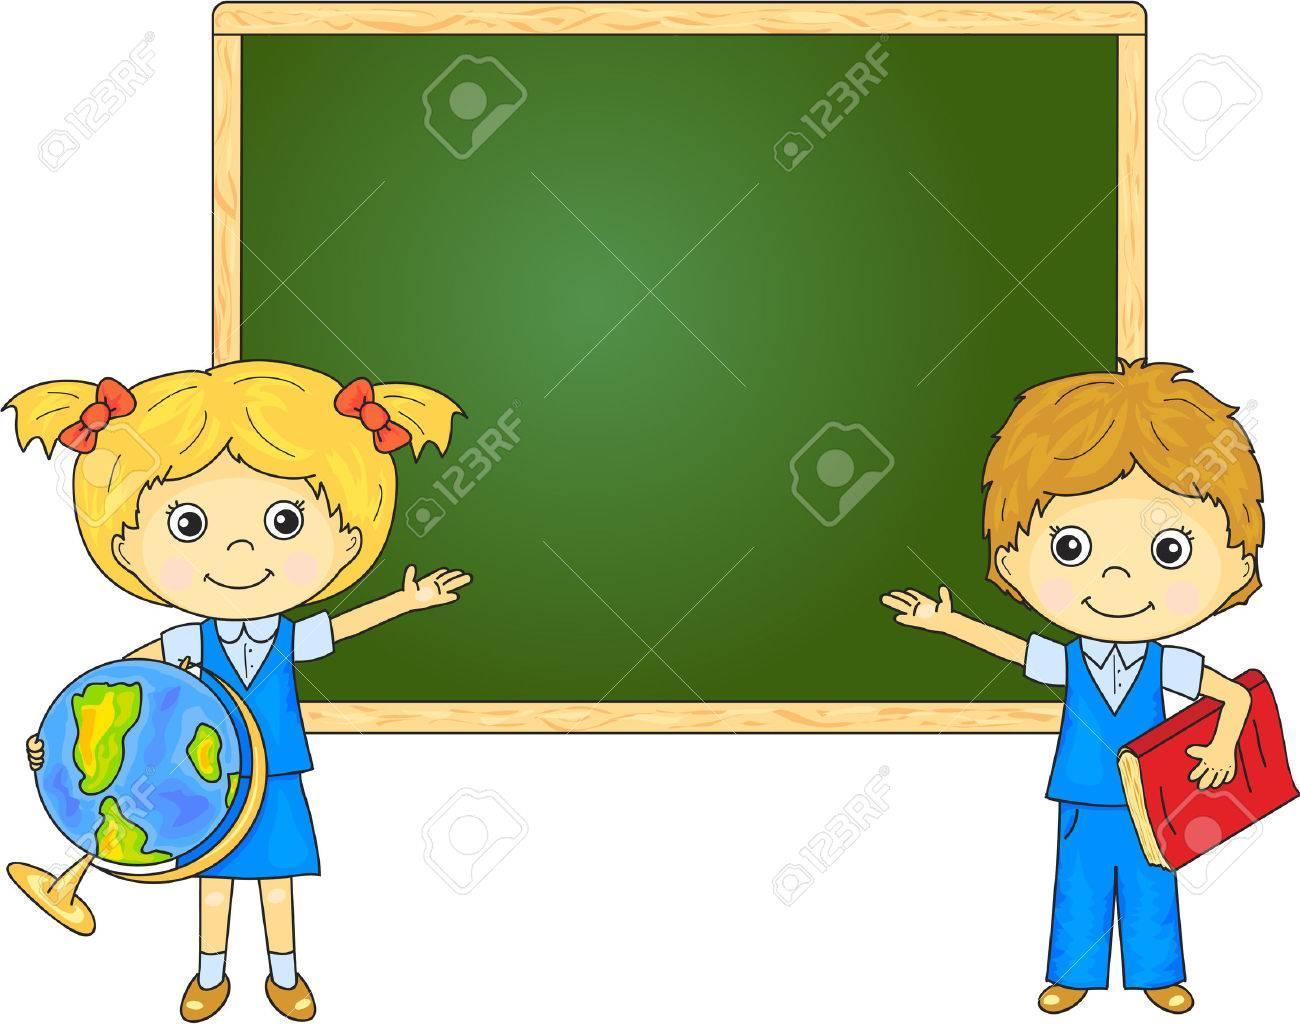 41838284-garçon-et-fille-debout-près-du-tableau-dans-une-salle-de-classe-vector-illustration-pour-les-enfants.jpg